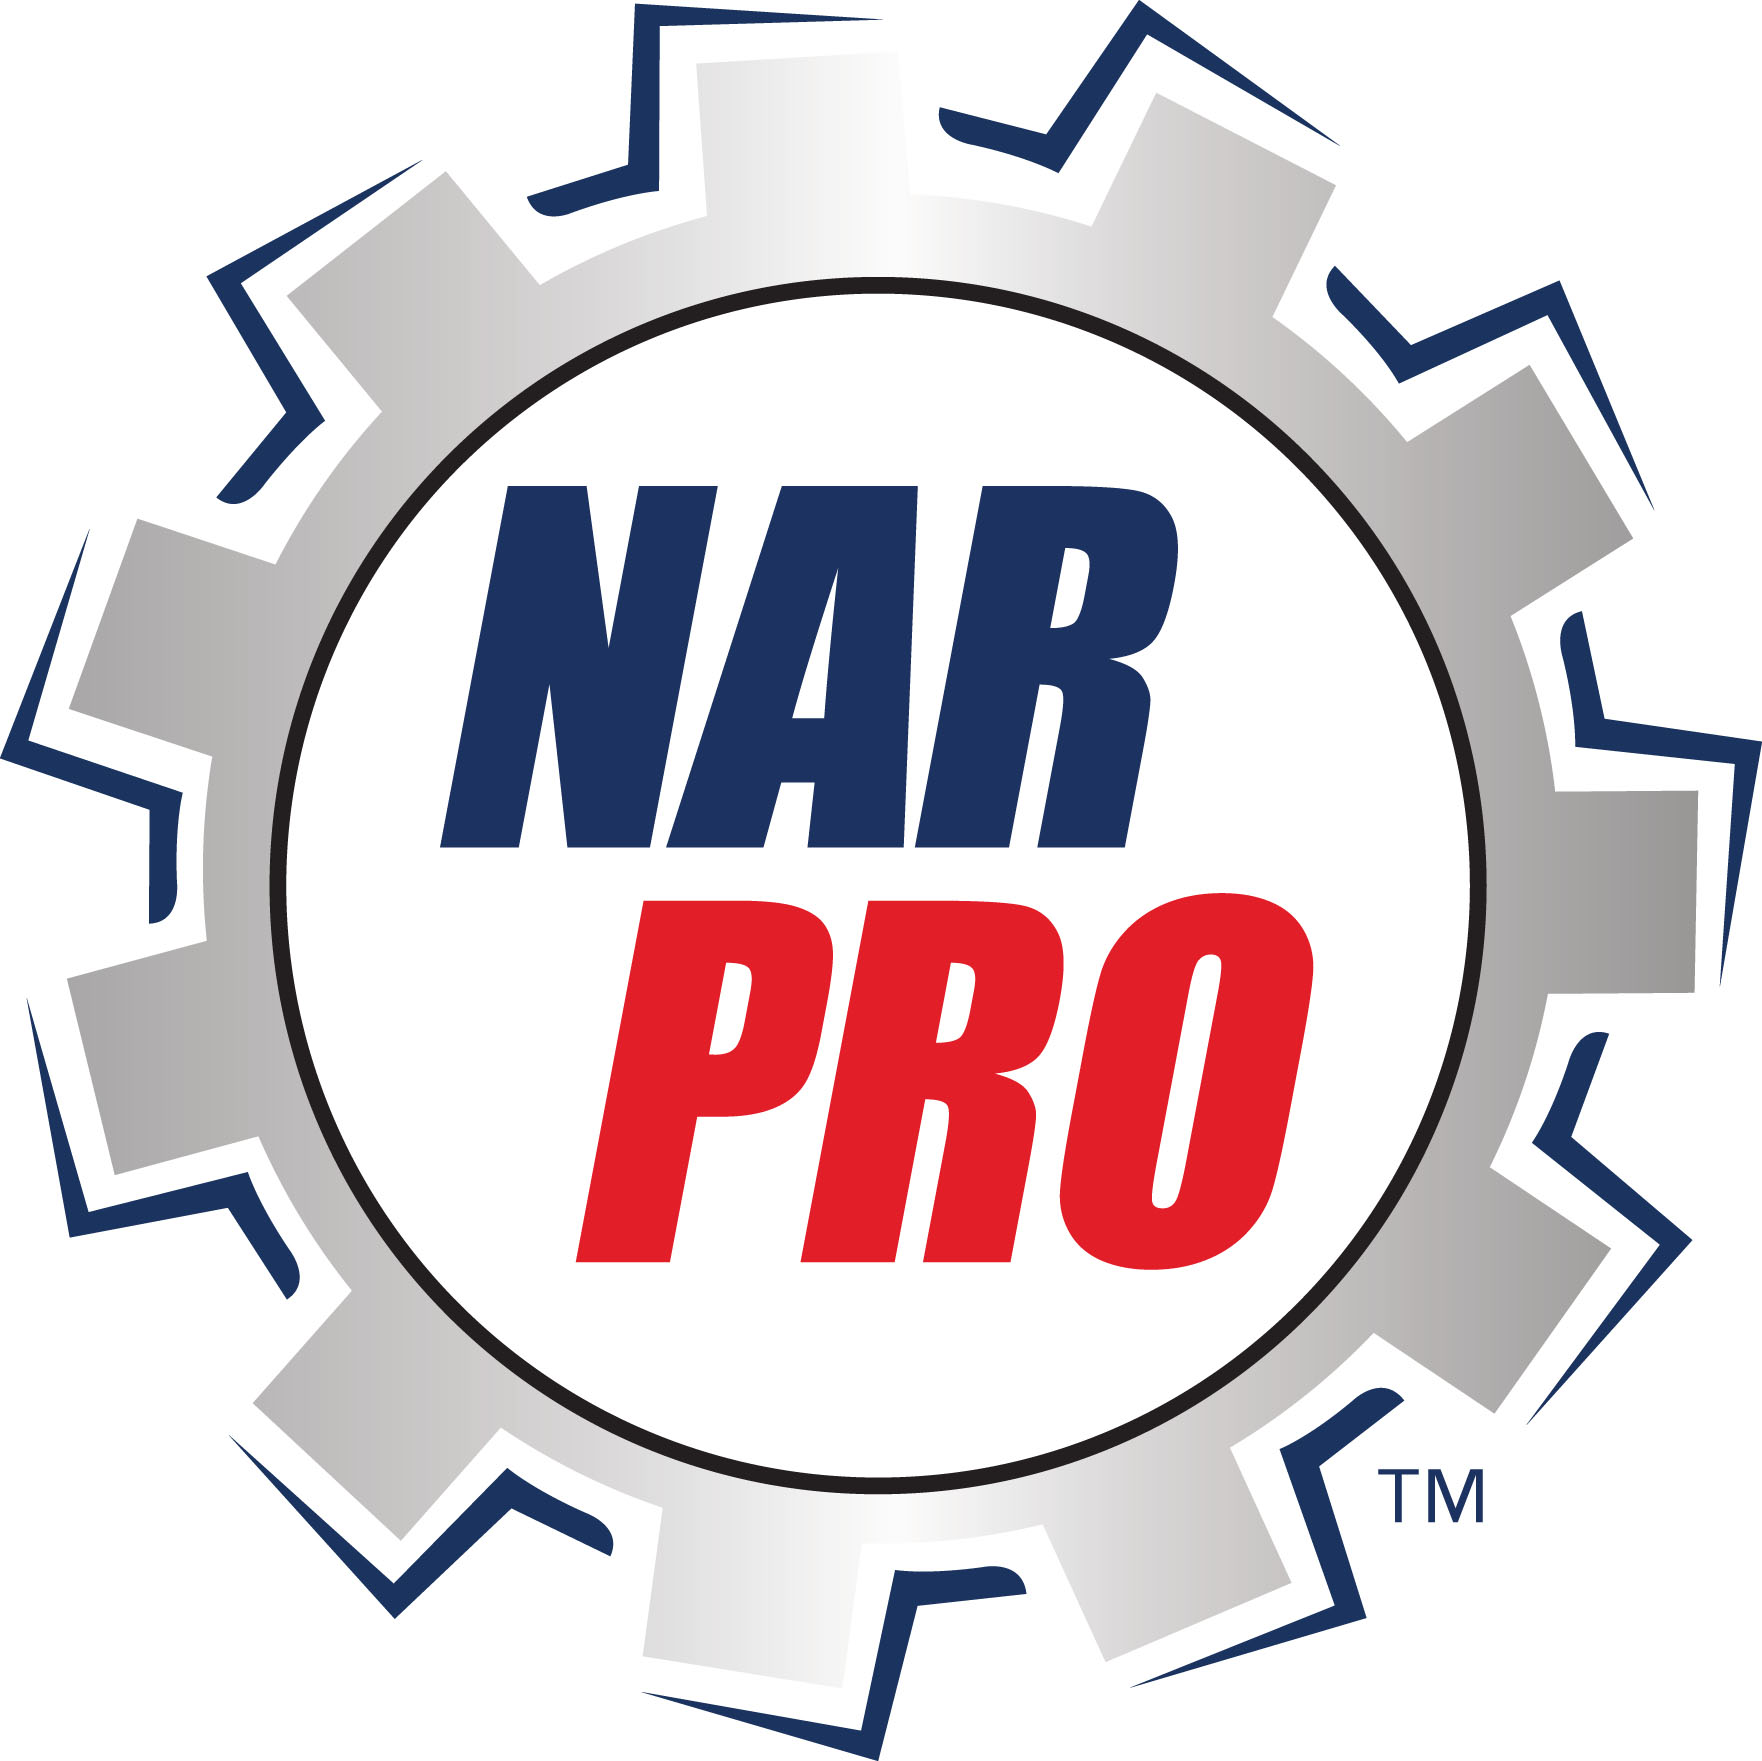 NARPRO_TM_LOGO.jpg